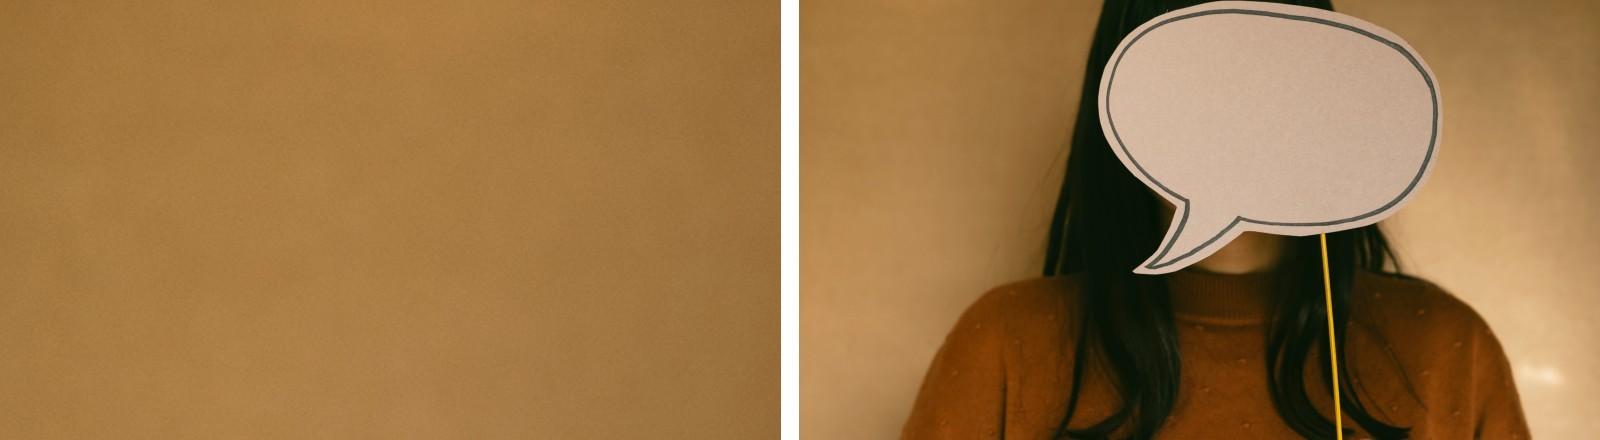 Eine Frau verdeckt ihr Gesicht mit einer Sprechblase.